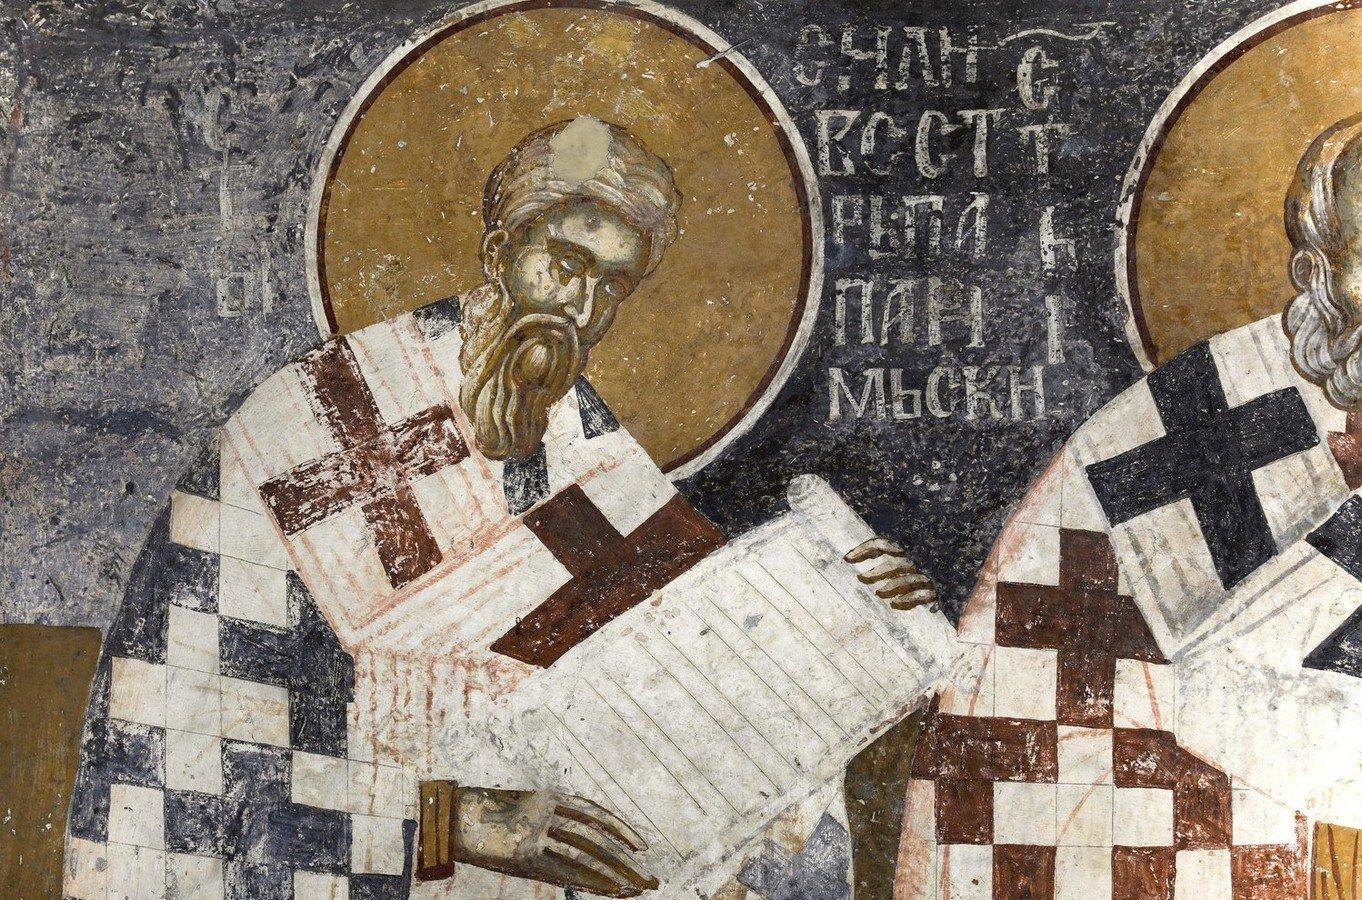 Святитель Сильвестр, Папа Римский. Фреска Белой церкви в селе Каран, Сербия. 1340 - 1342 годы.